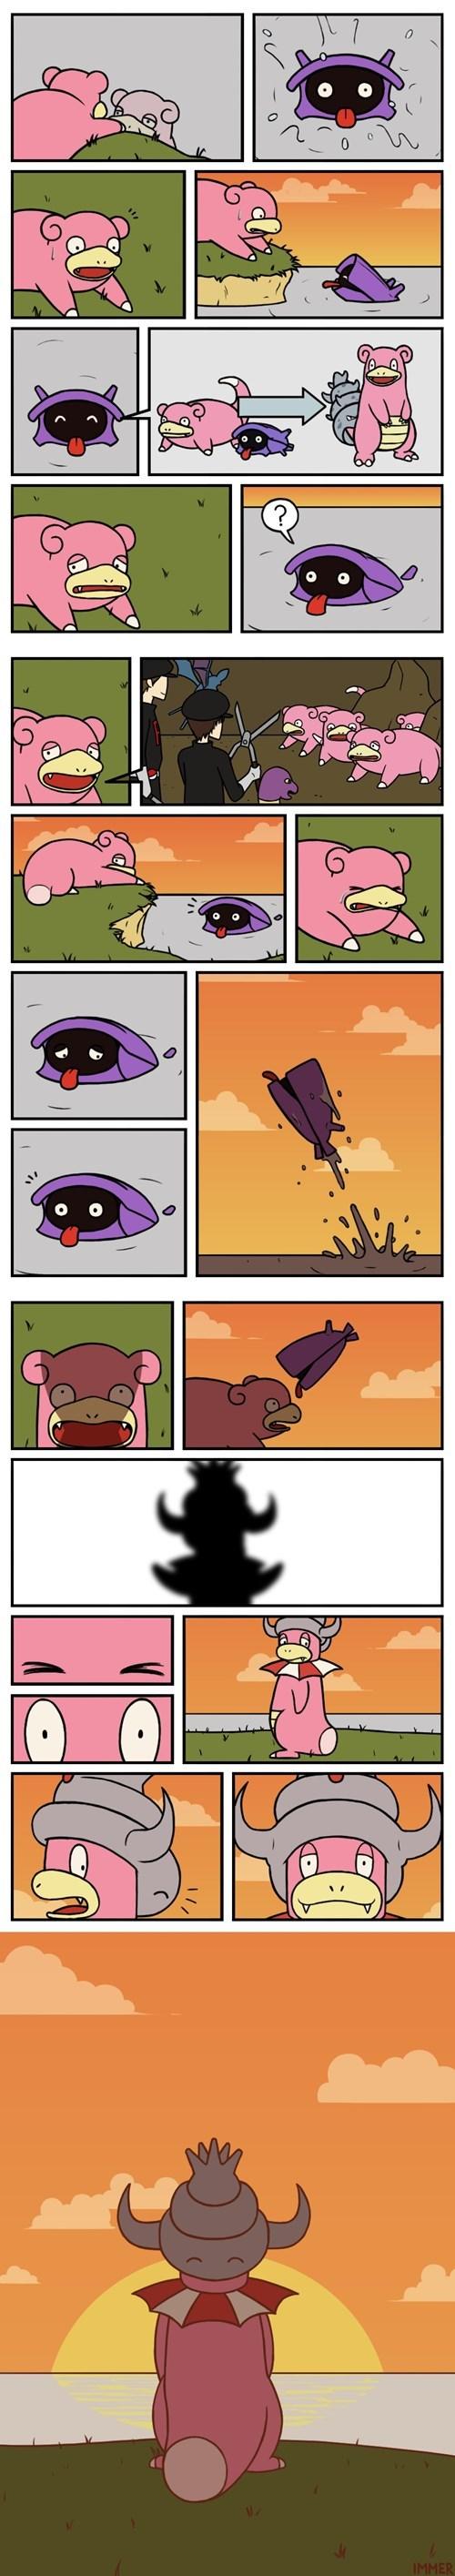 pokemon memes slowpoke sad comic